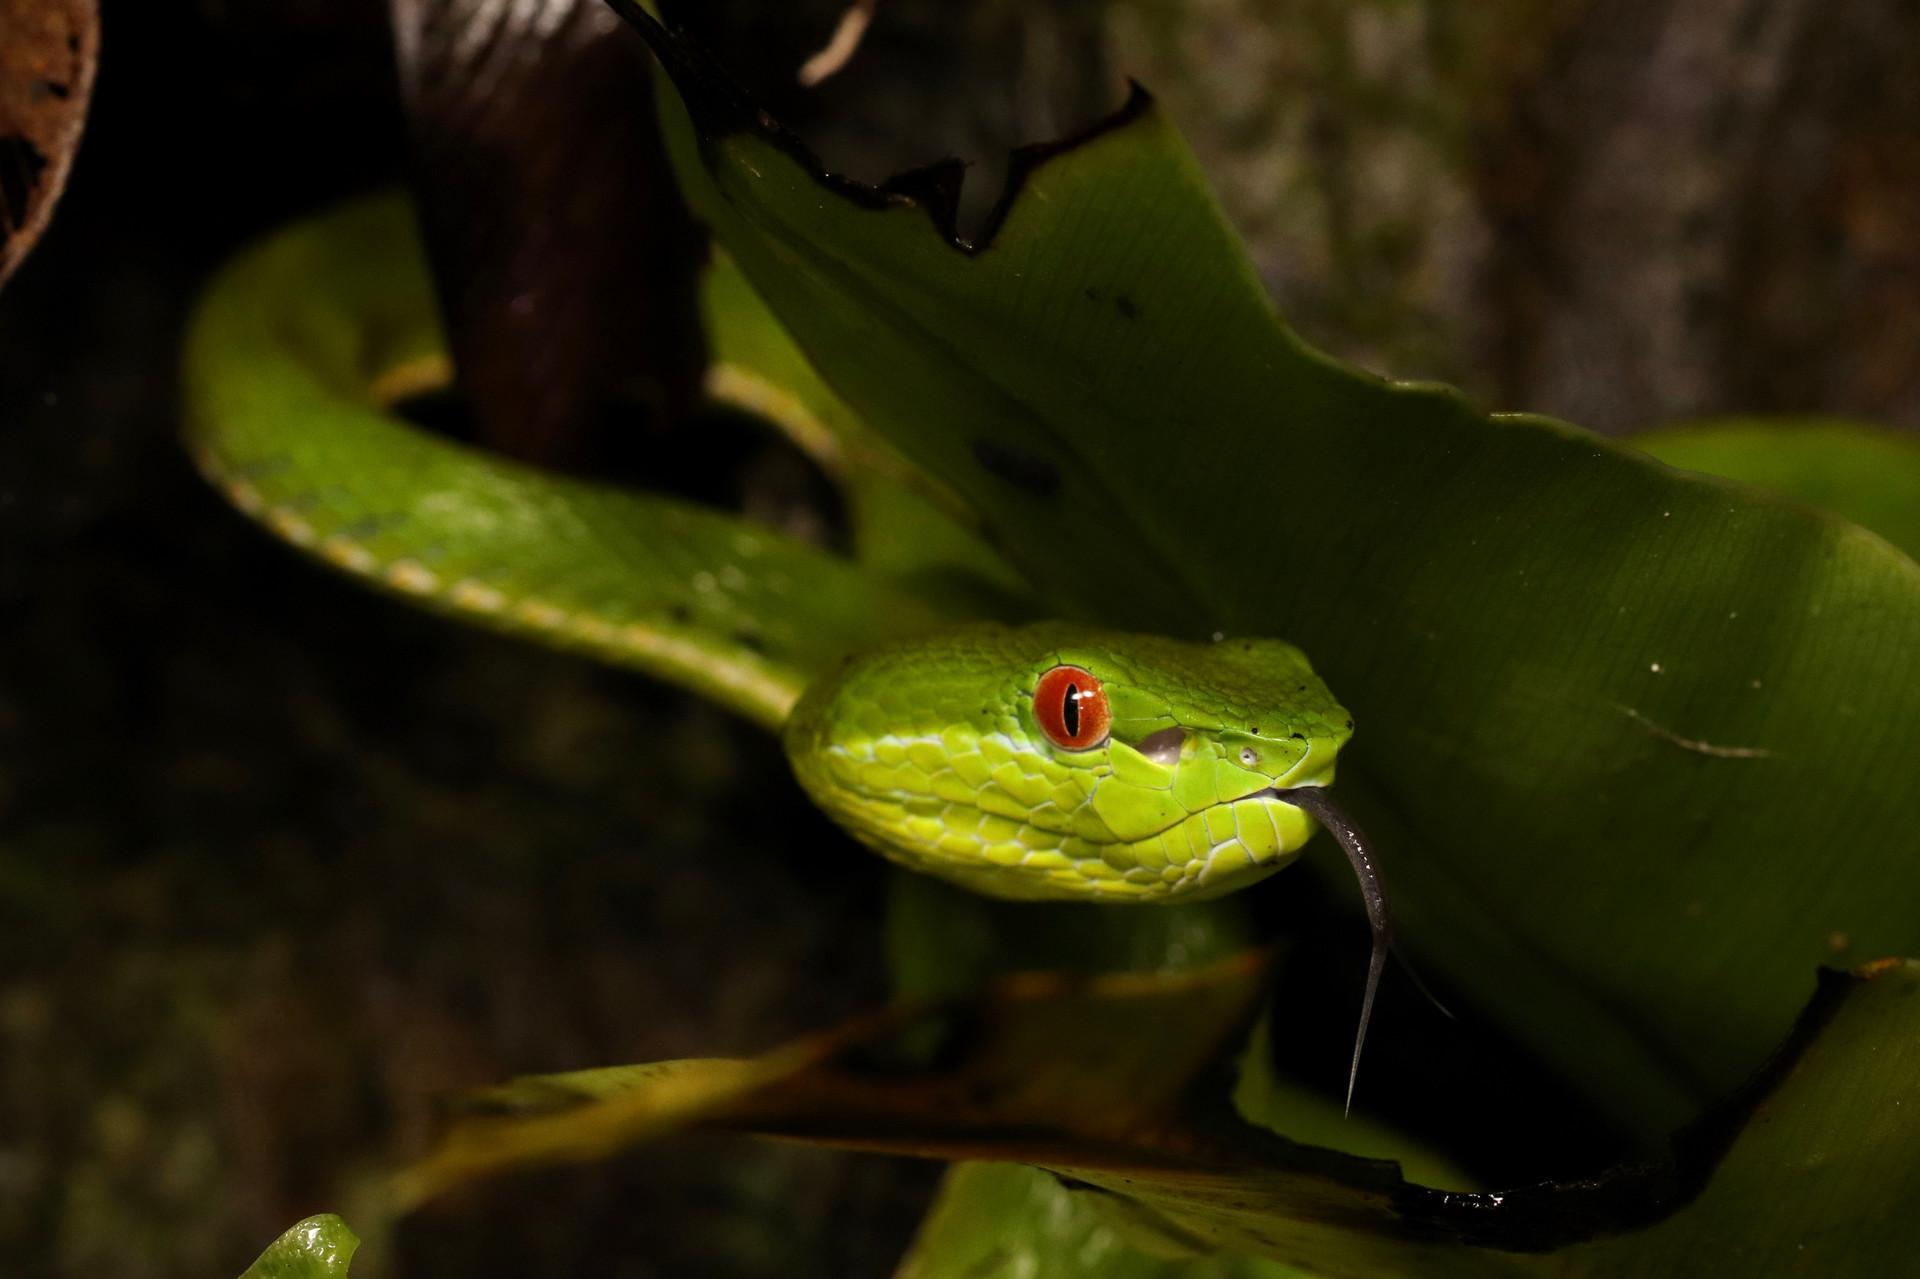 タイワンアオハブ Trimeresurus stejnegeri